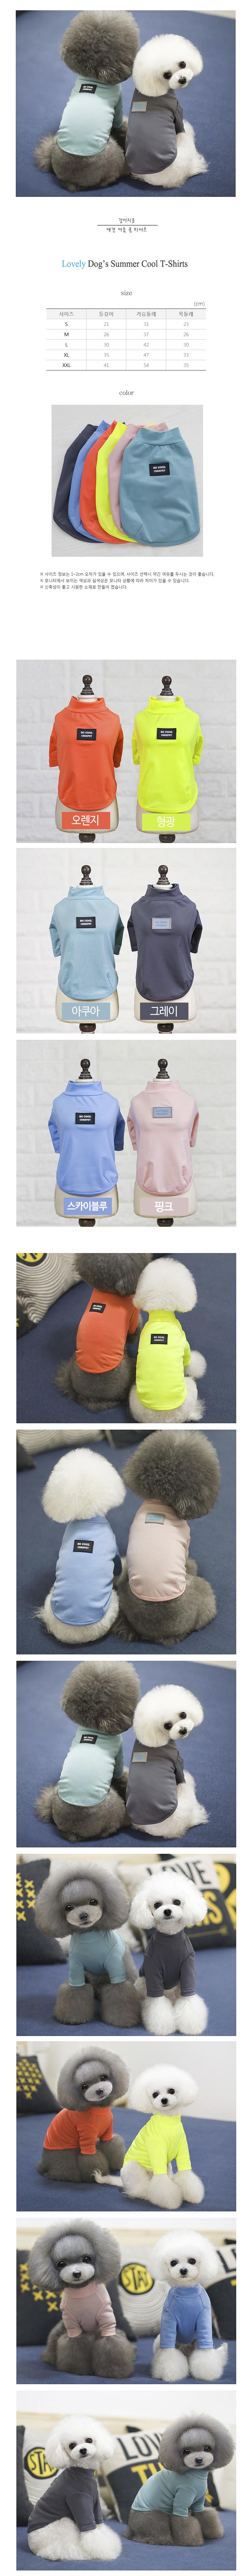 강아지 래쉬가드 쿨 티셔츠 아쿠아 - 멍뭉스, 9,900원, 의류/액세서리, 의류